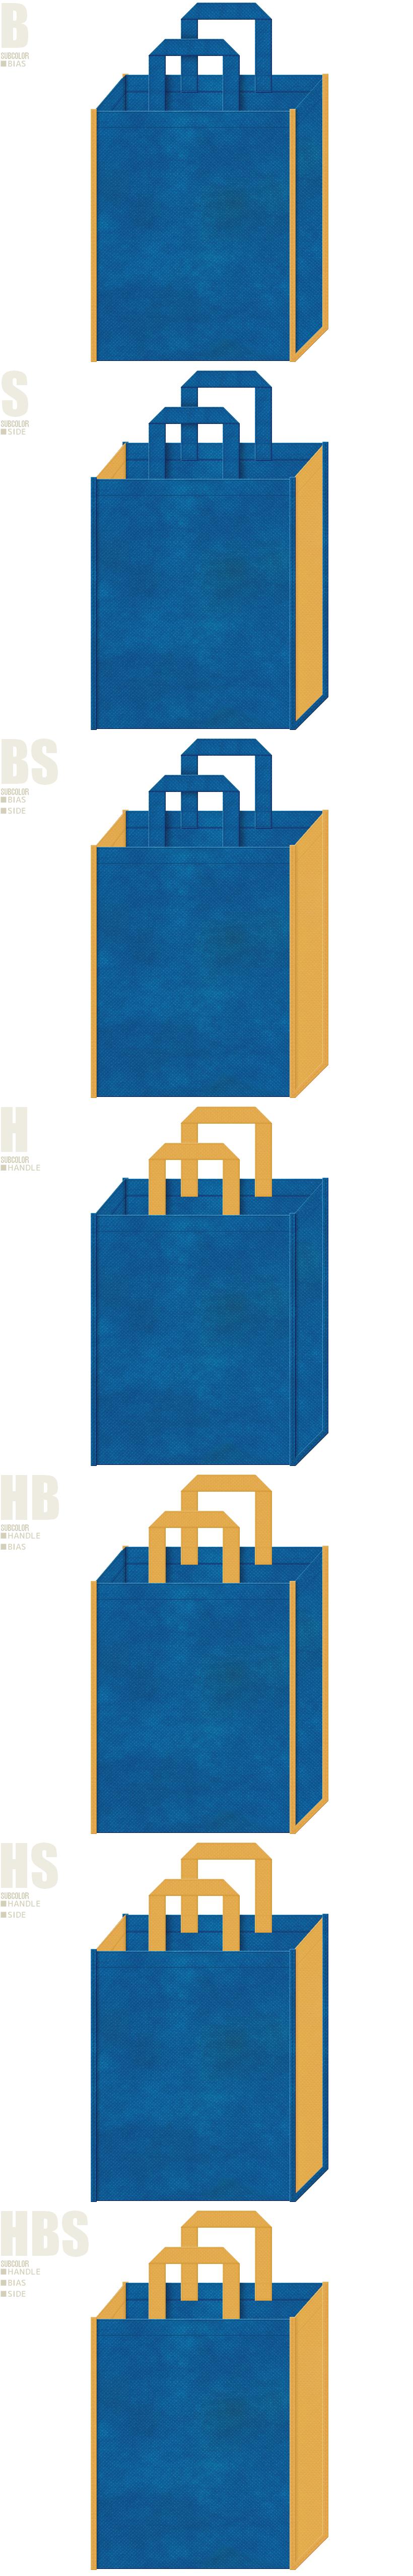 青色と色-7パターンの不織布トートバッグ配色デザイン例